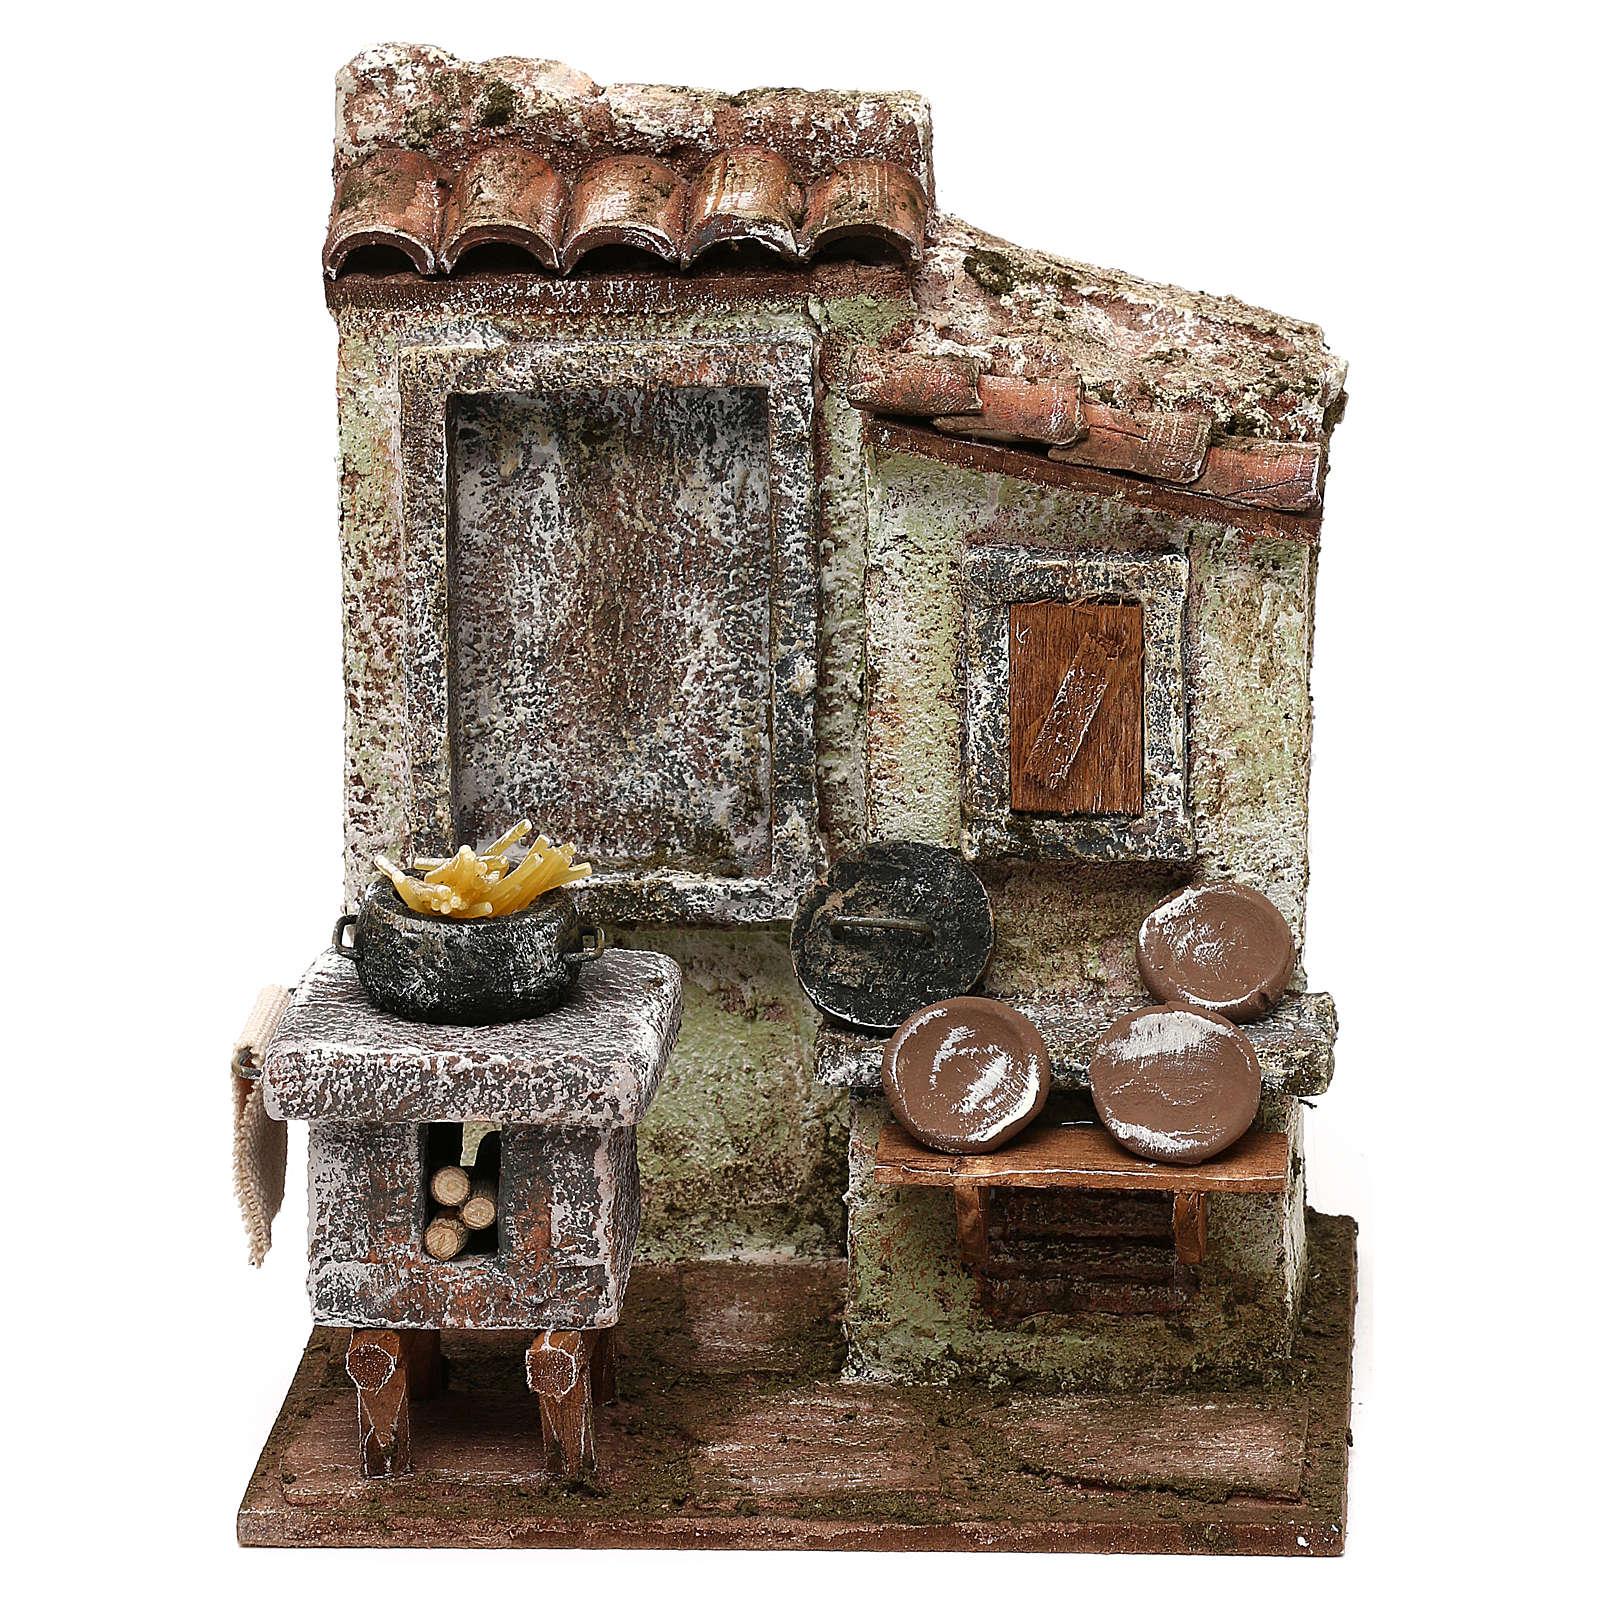 Macaronier's room 20x15x10 cm for Nativity scene 12 cm 4